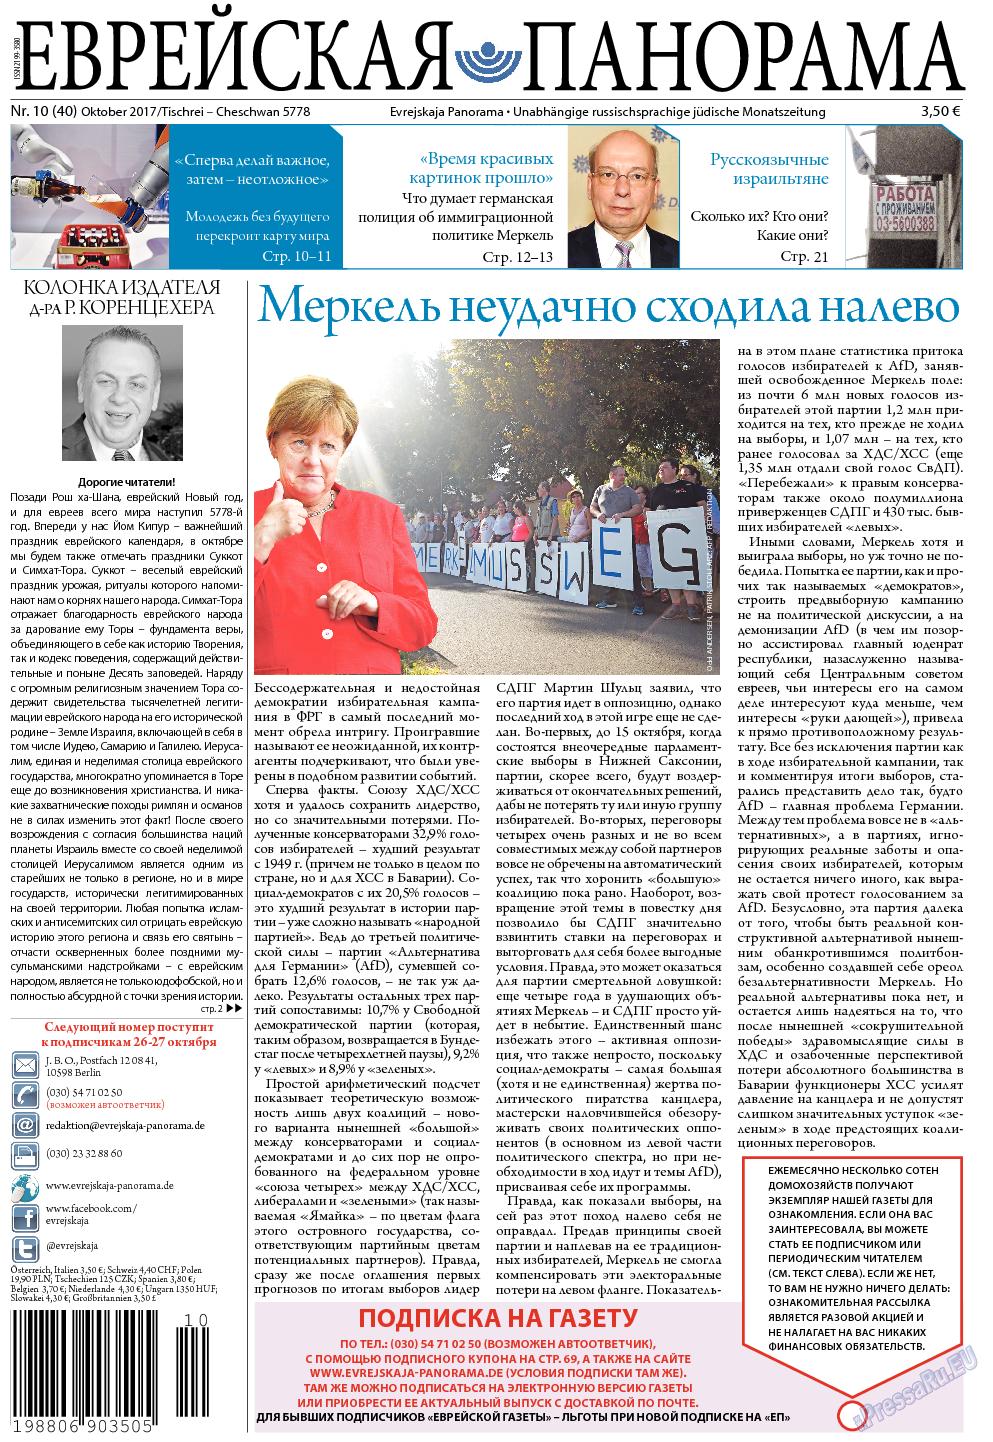 Еврейская панорама (газета). 2017 год, номер 10, стр. 1